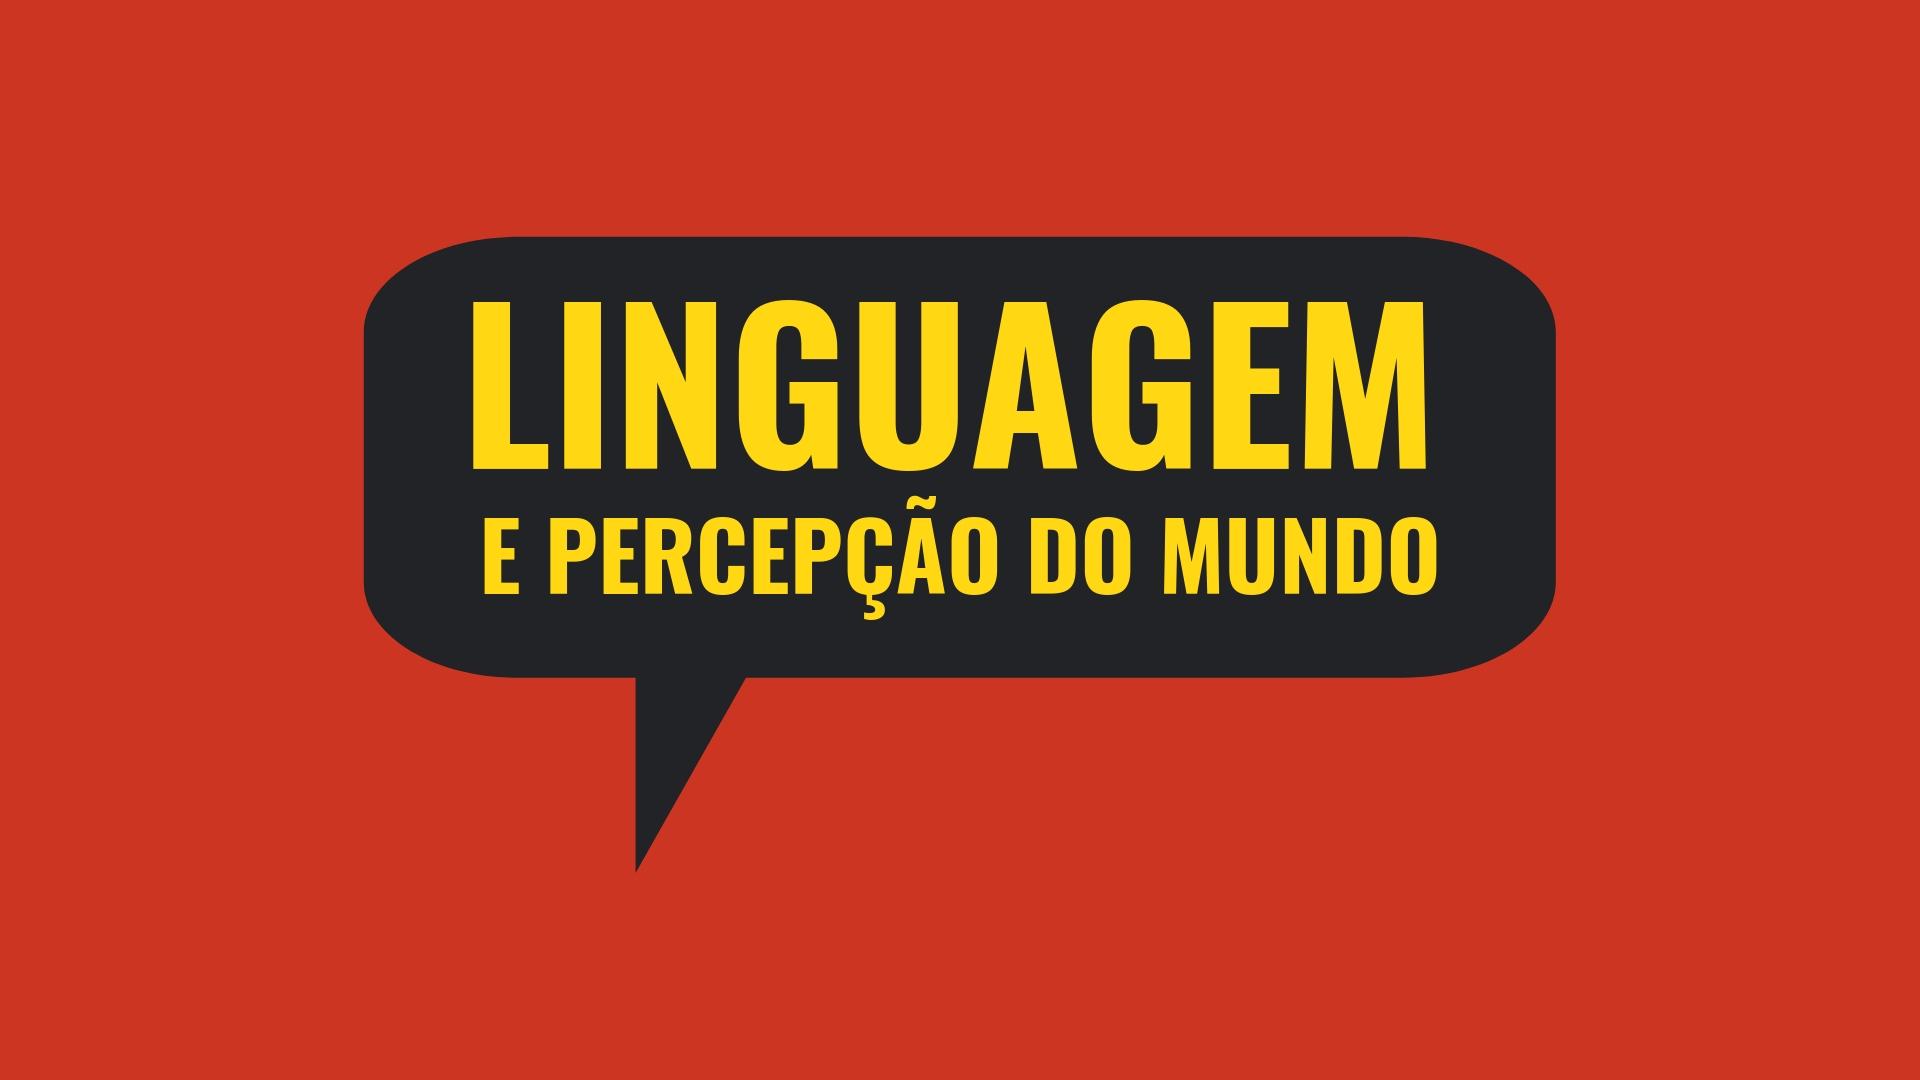 Sobre linguagem e percepção do mundo